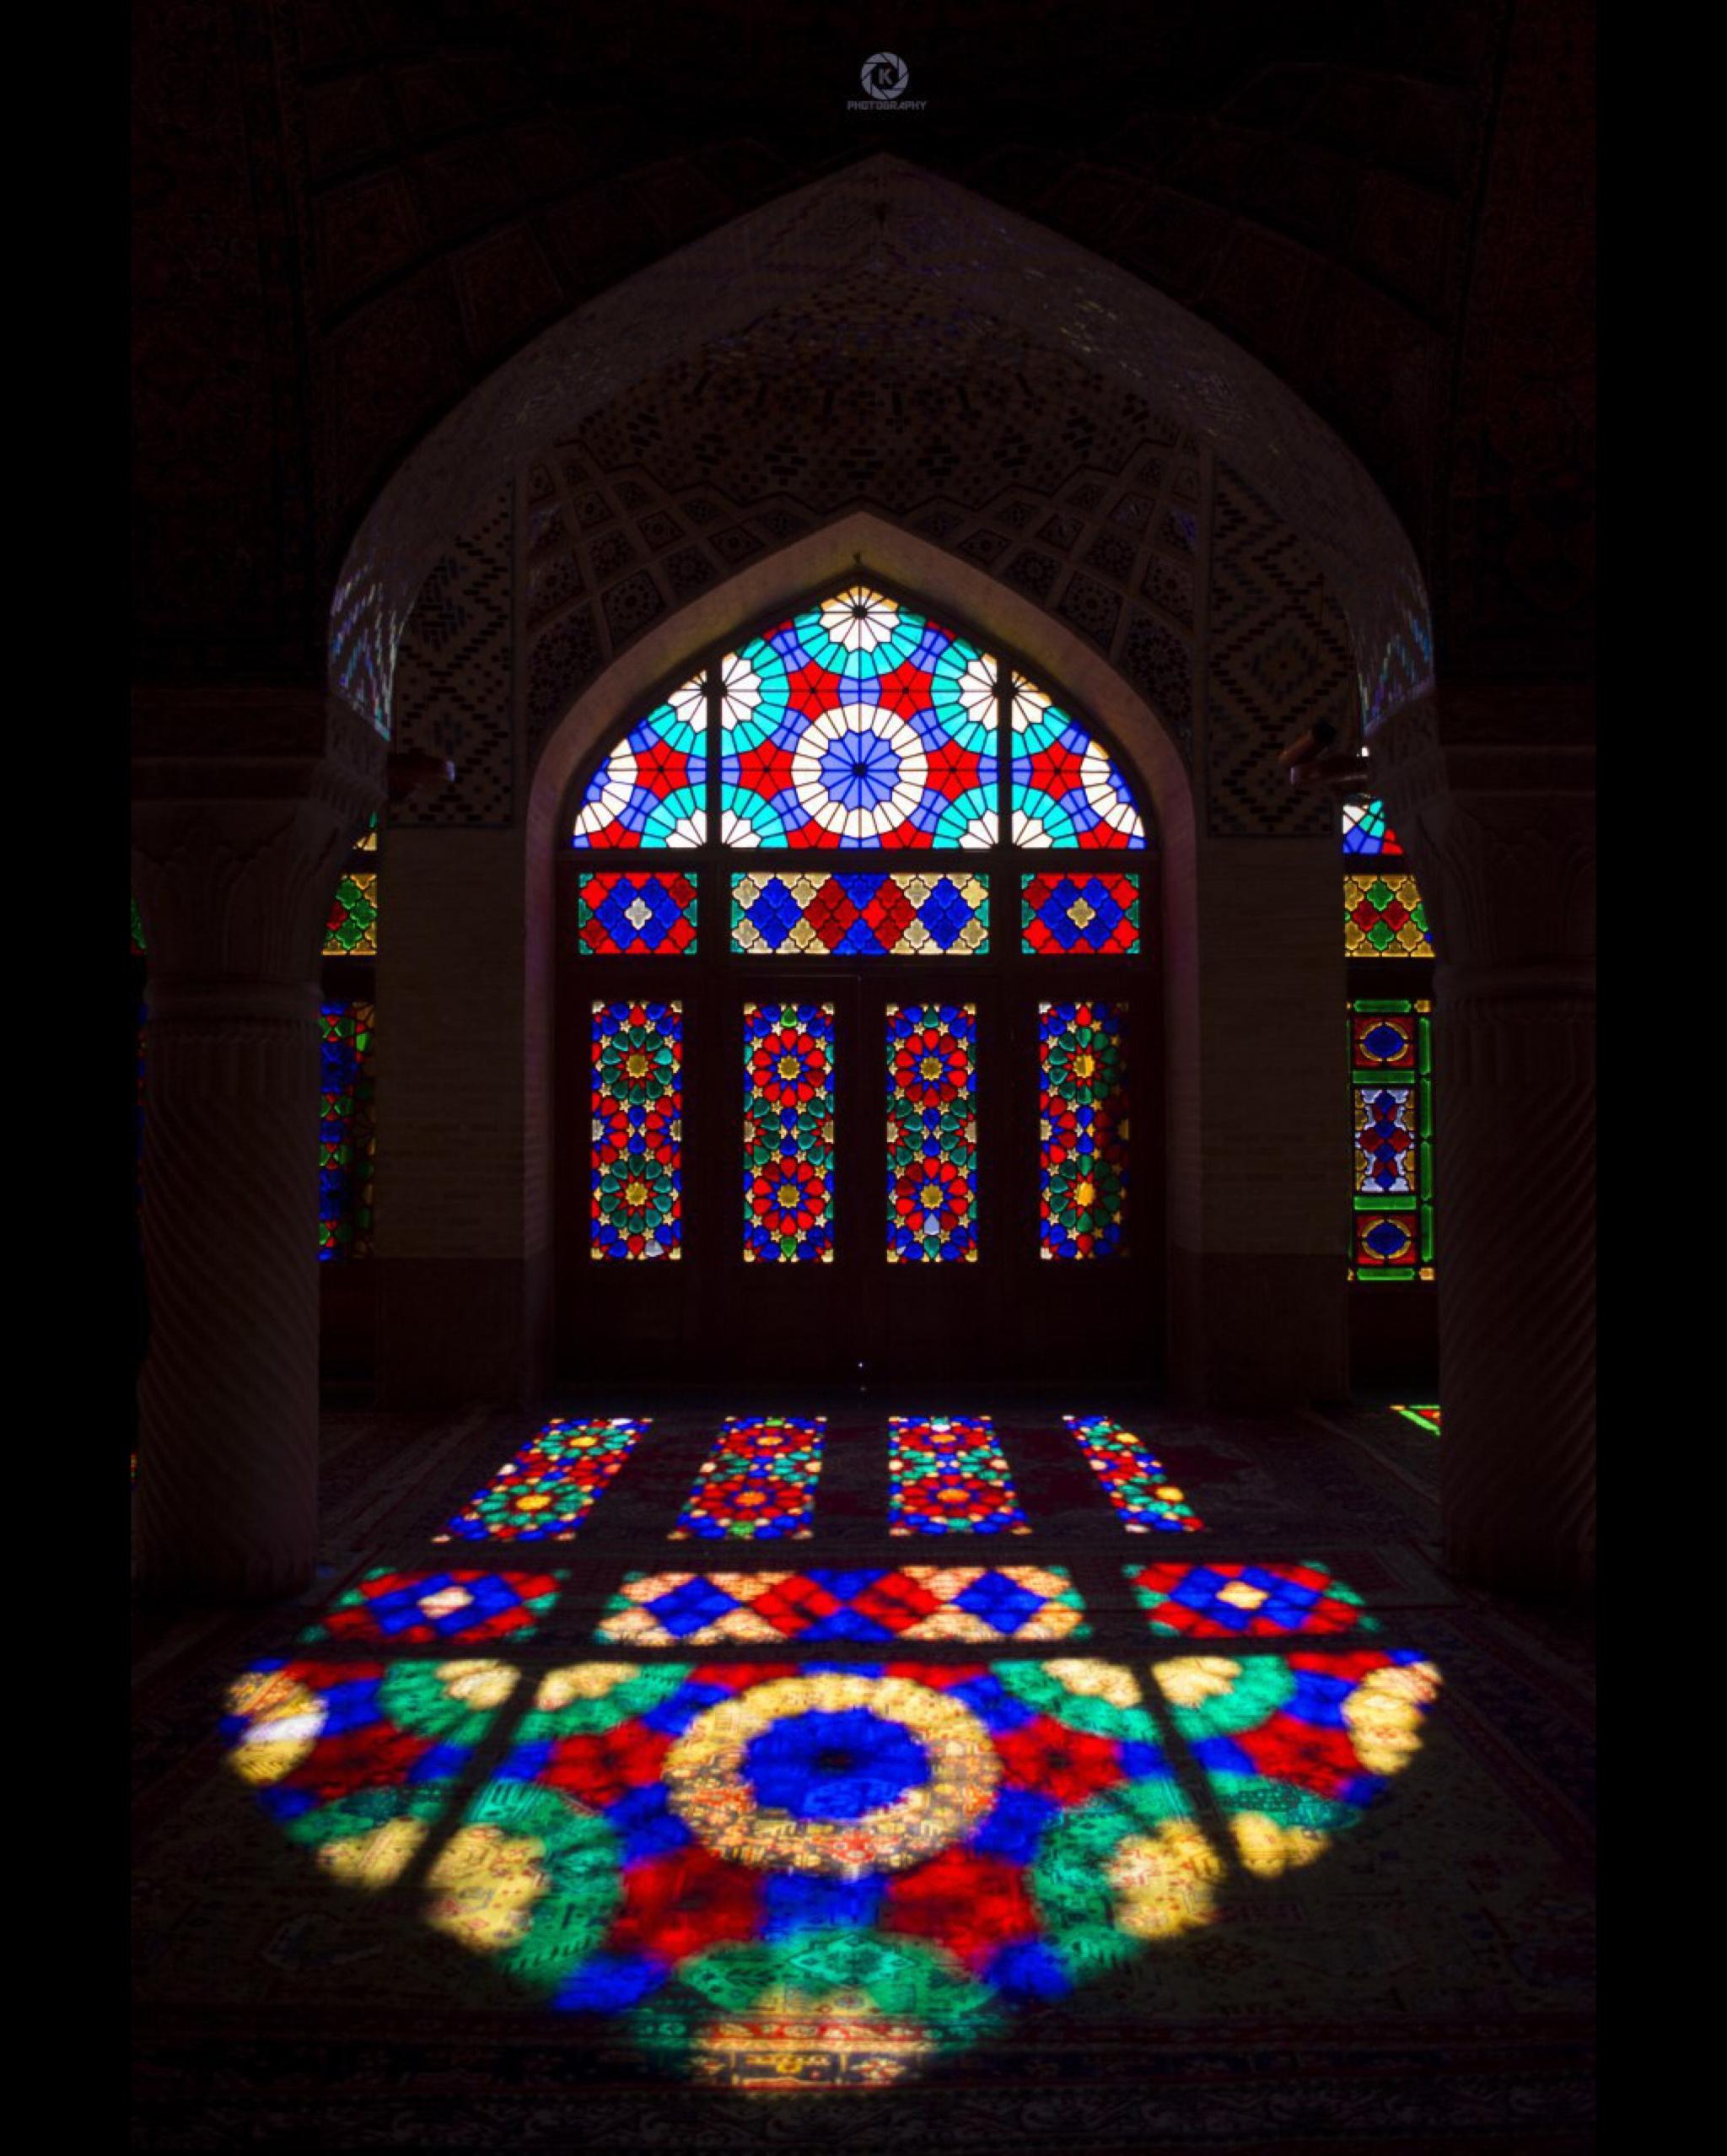 نيما كلانتري - مسجد نصير الملك شیراز